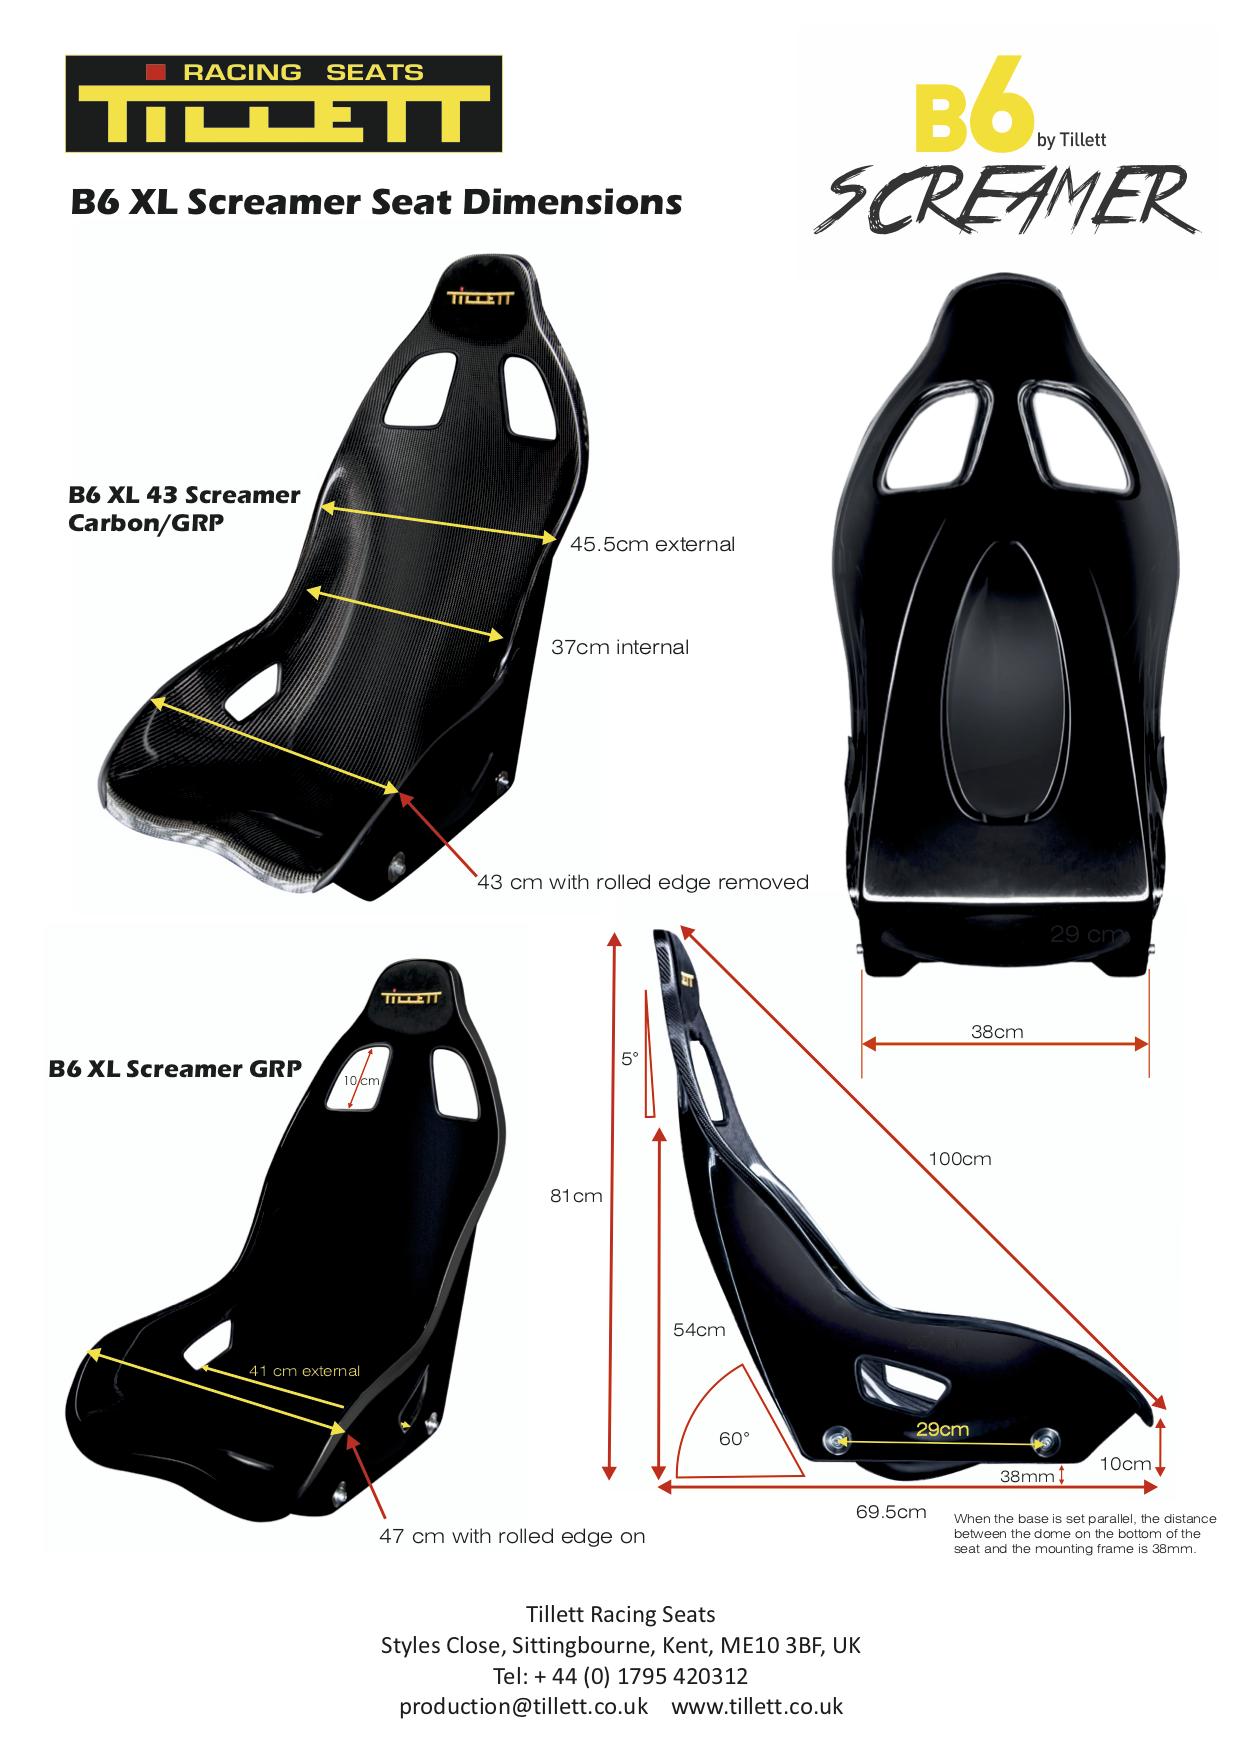 B6 XL Screamer Dimensions